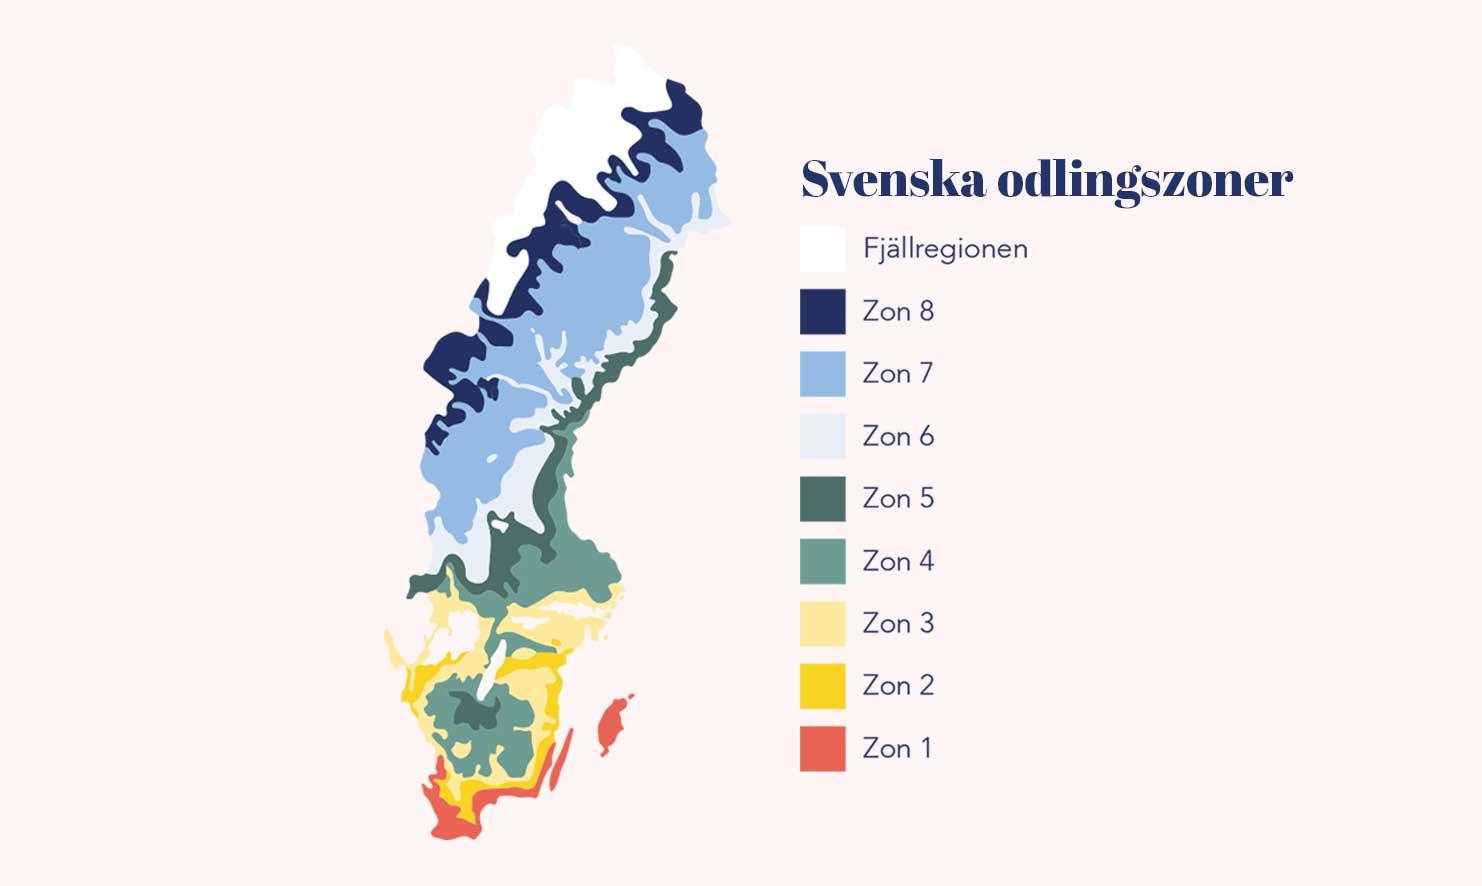 Sveriges odlingszoner